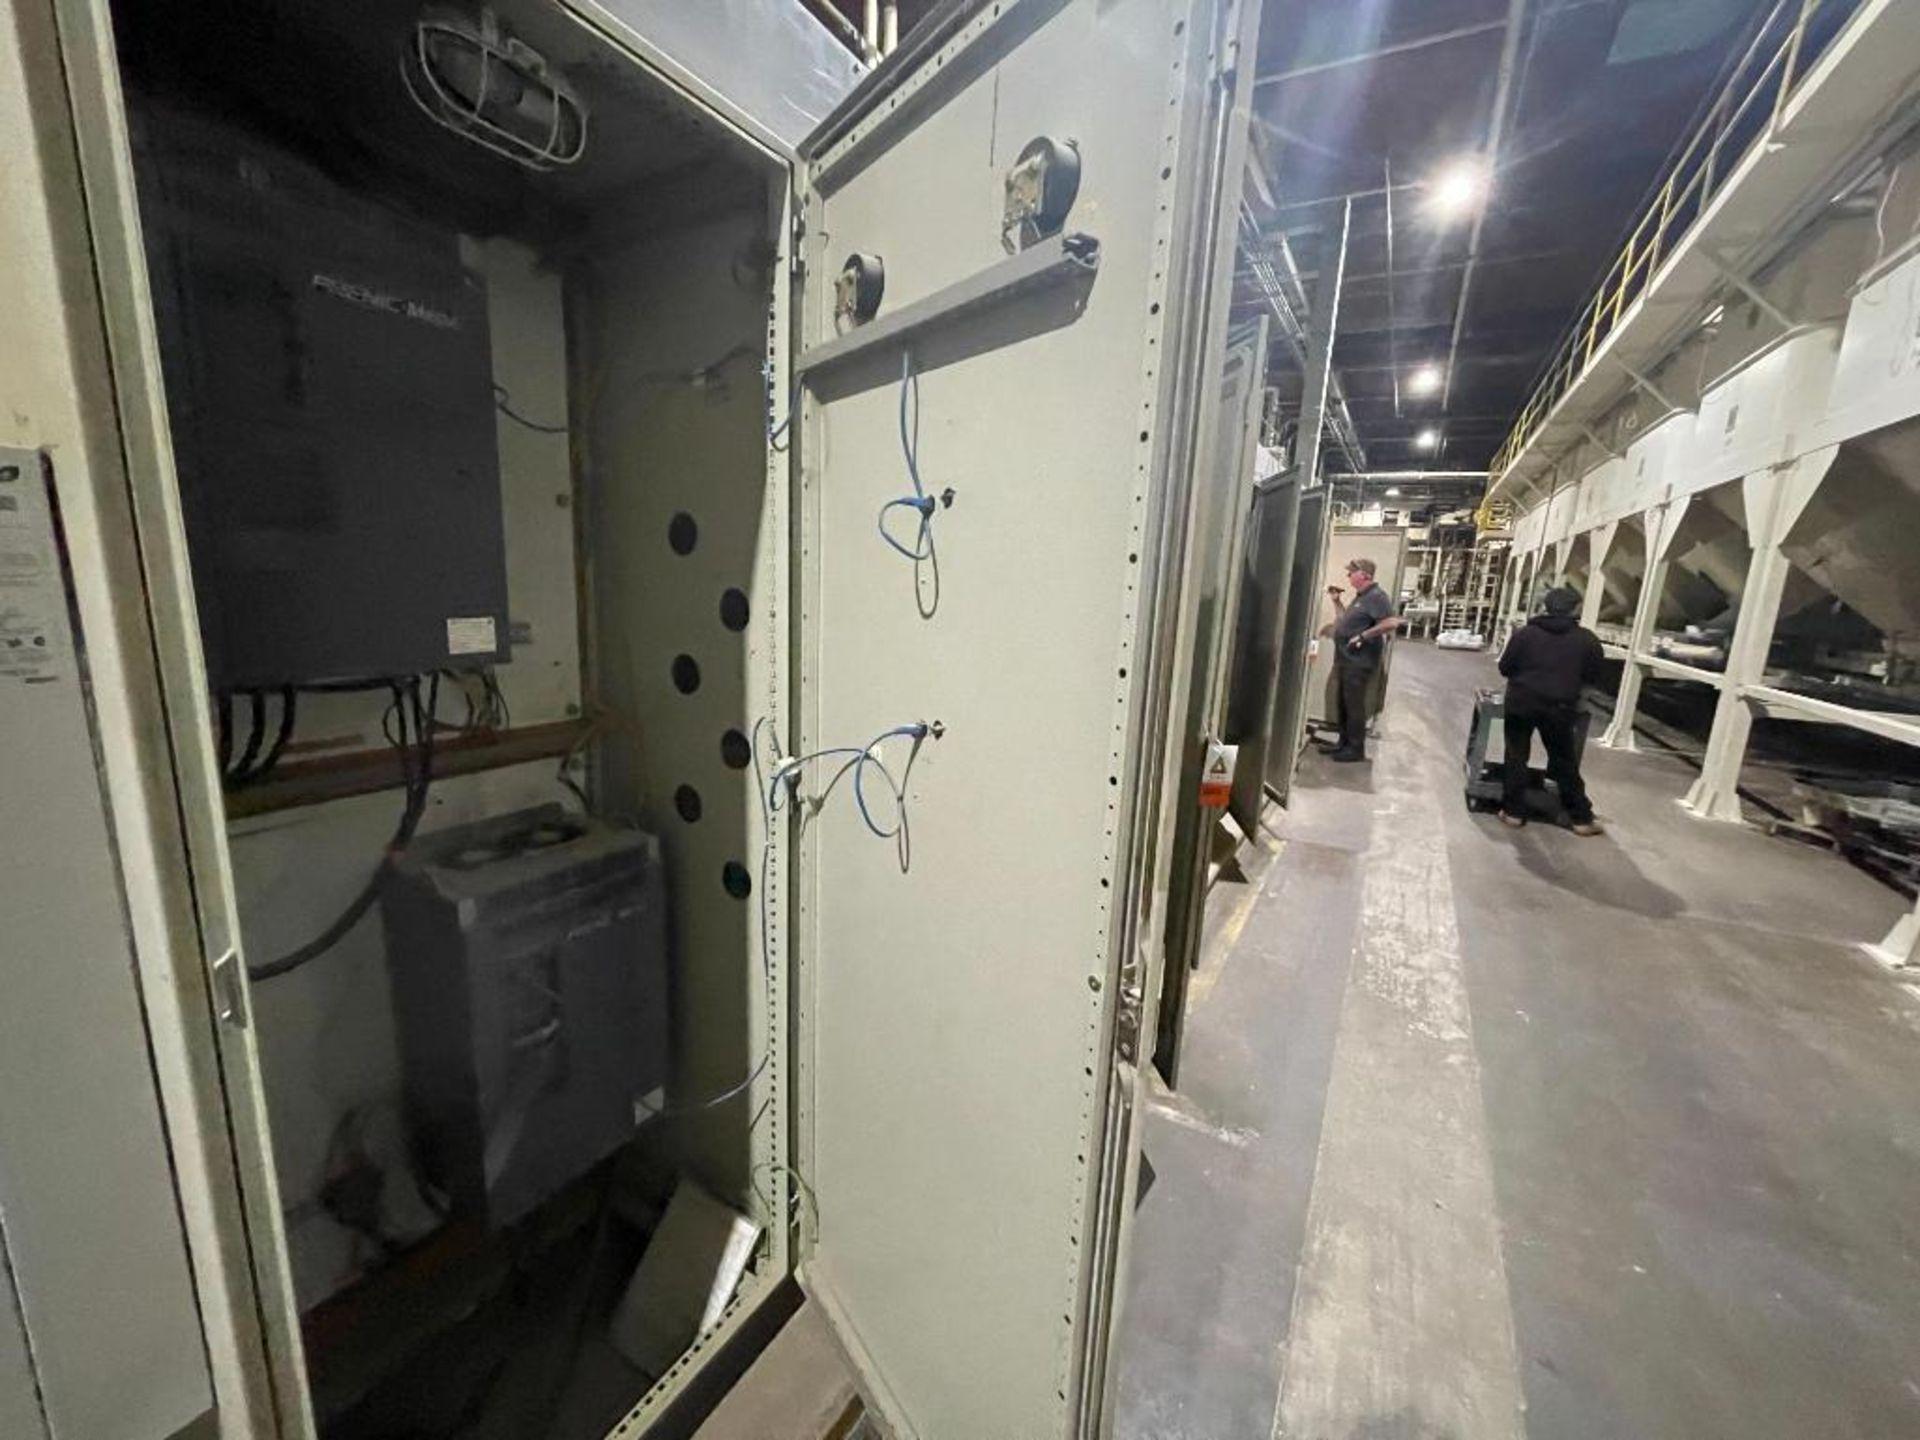 7-door mild steel air conditioned control cabinet, 5-VFD's - Image 6 of 43